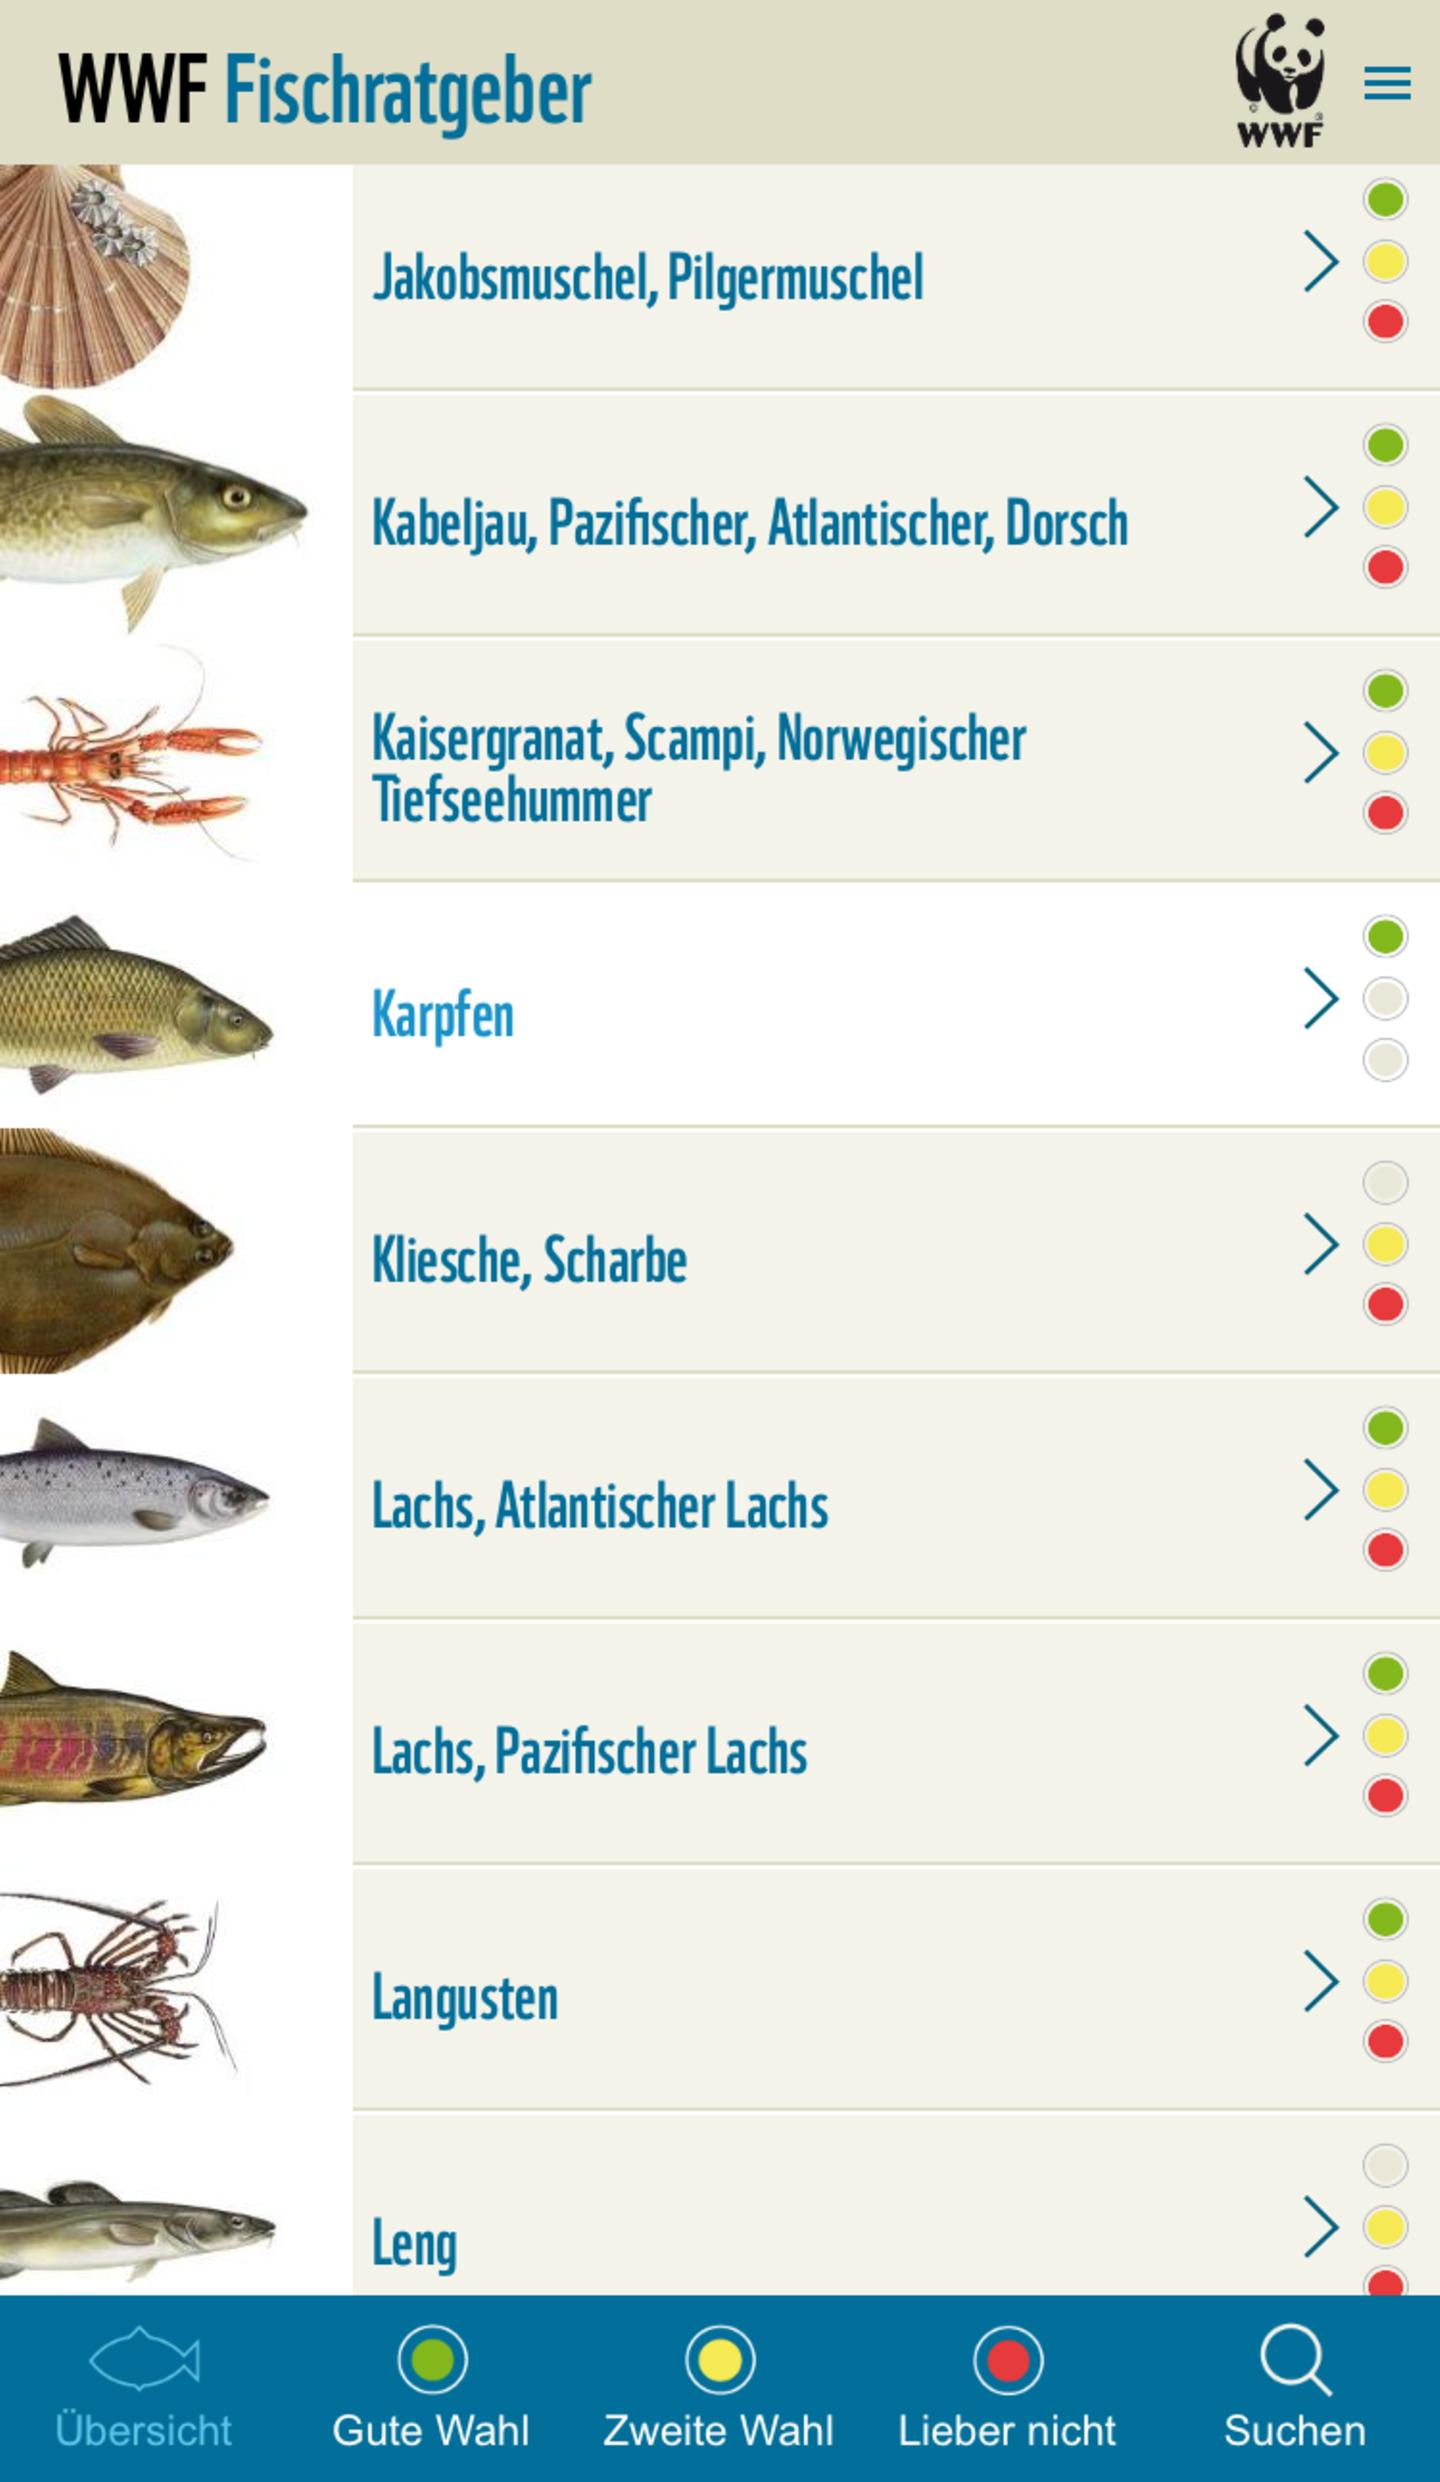 WWF Fischratgeber